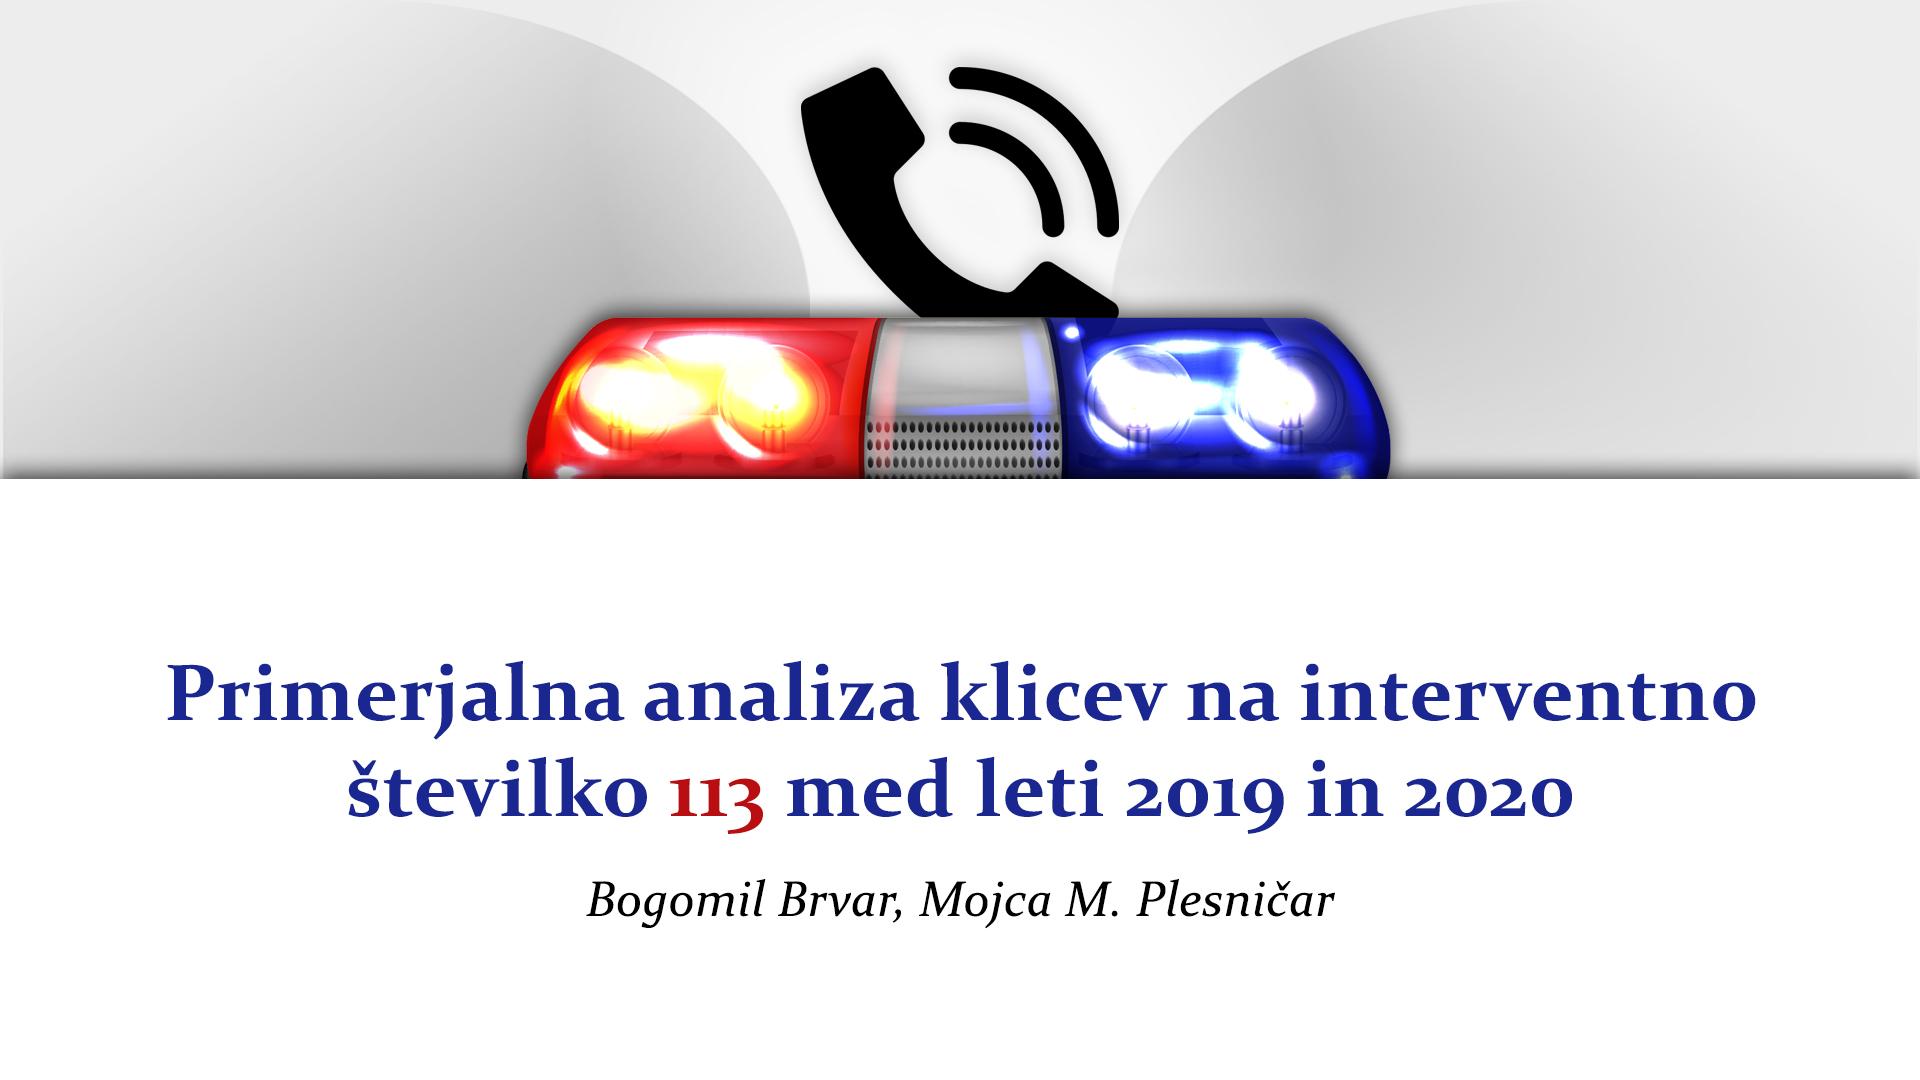 Primerjalna analiza klicev na interventno številko 113 med leti 2019 in 2020